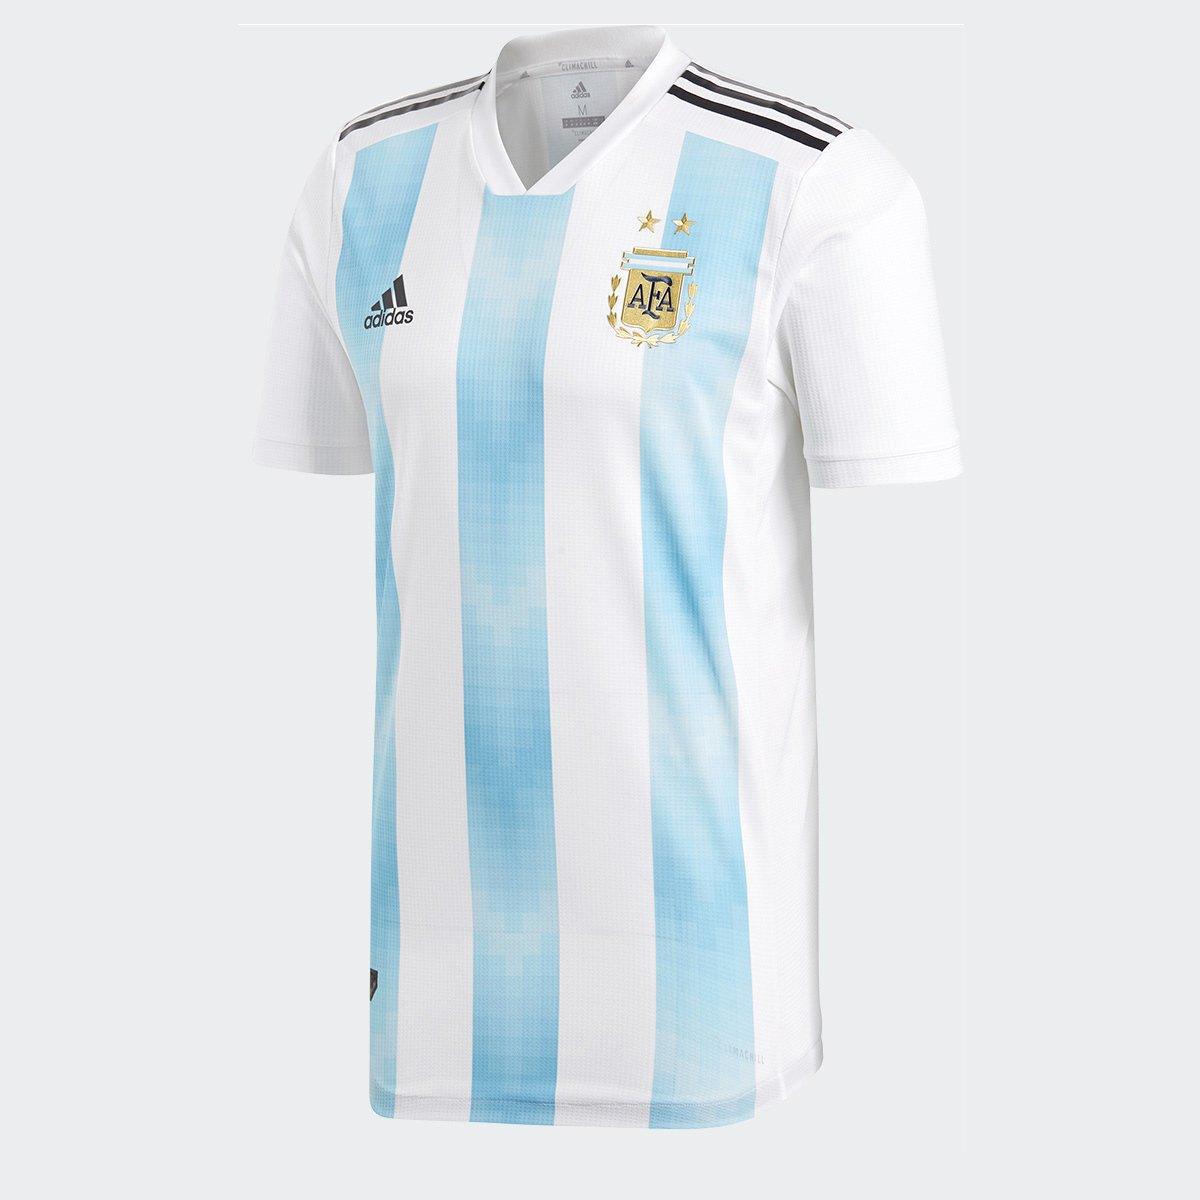 Camisa Seleção Argentina Home 2018 s n° Jogador Adidas Masculina - Branco e  Azul Claro - Compre Agora  0116fd5c670